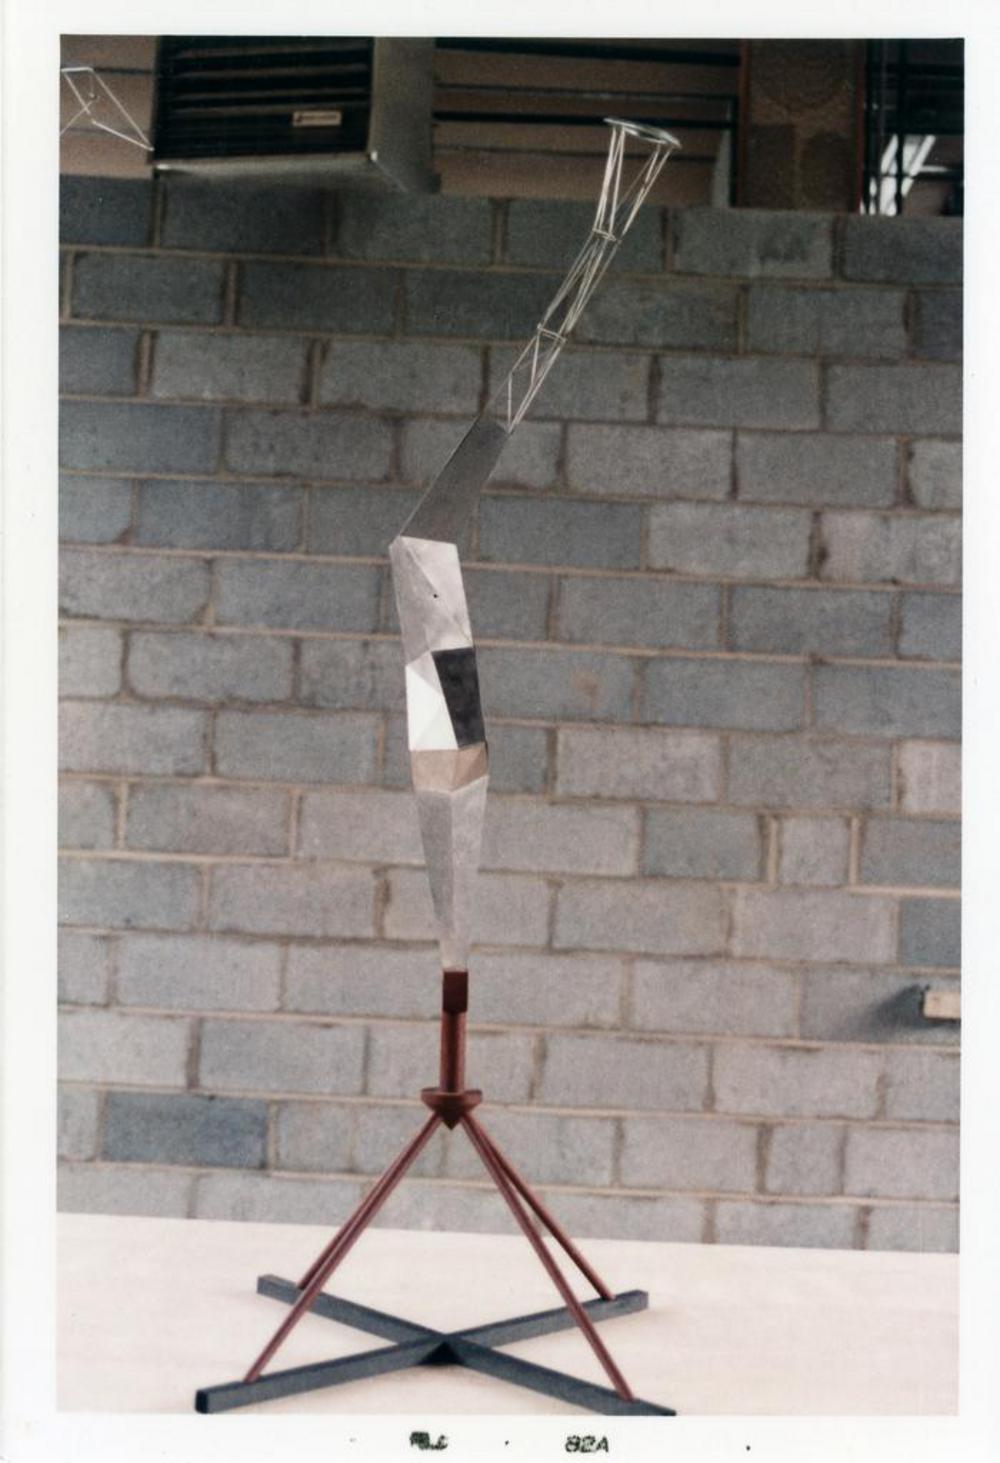 Model for Bolt of Lightning...Memorial to Ben Franklin, image 10